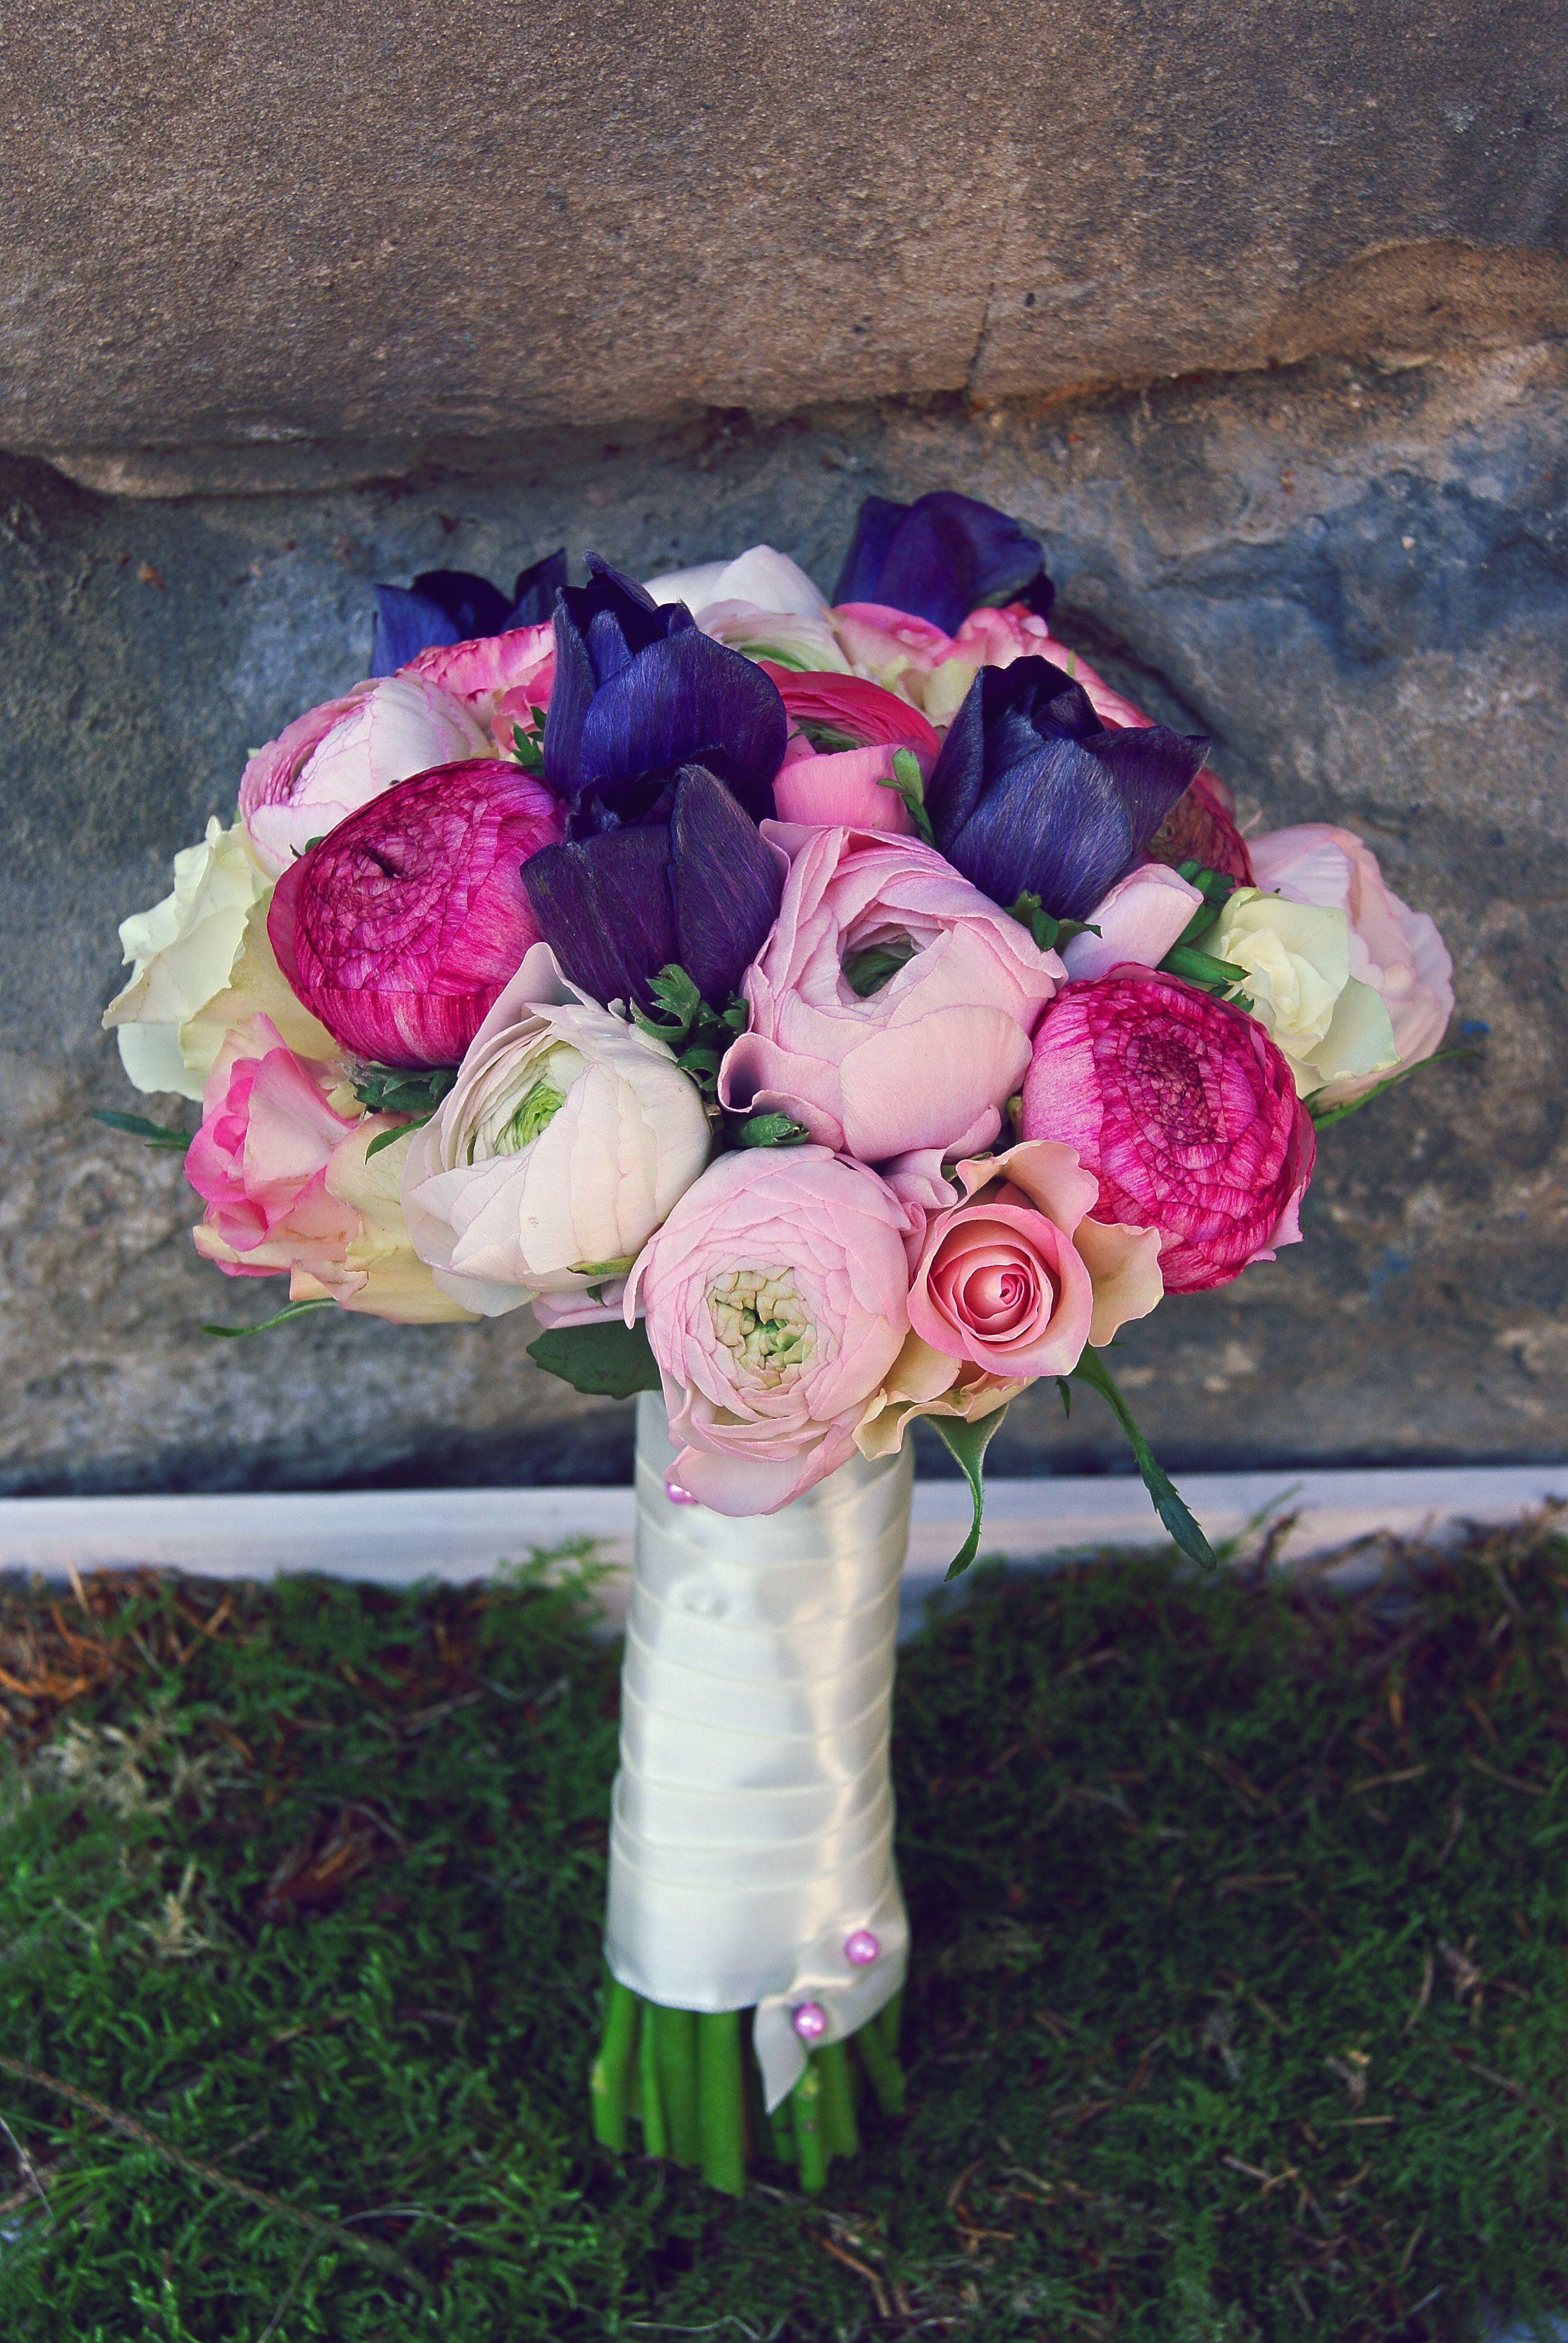 Rosa Lila Brautstrauss Im Marz Mit Ranunkeln Rosen Und Anemonen